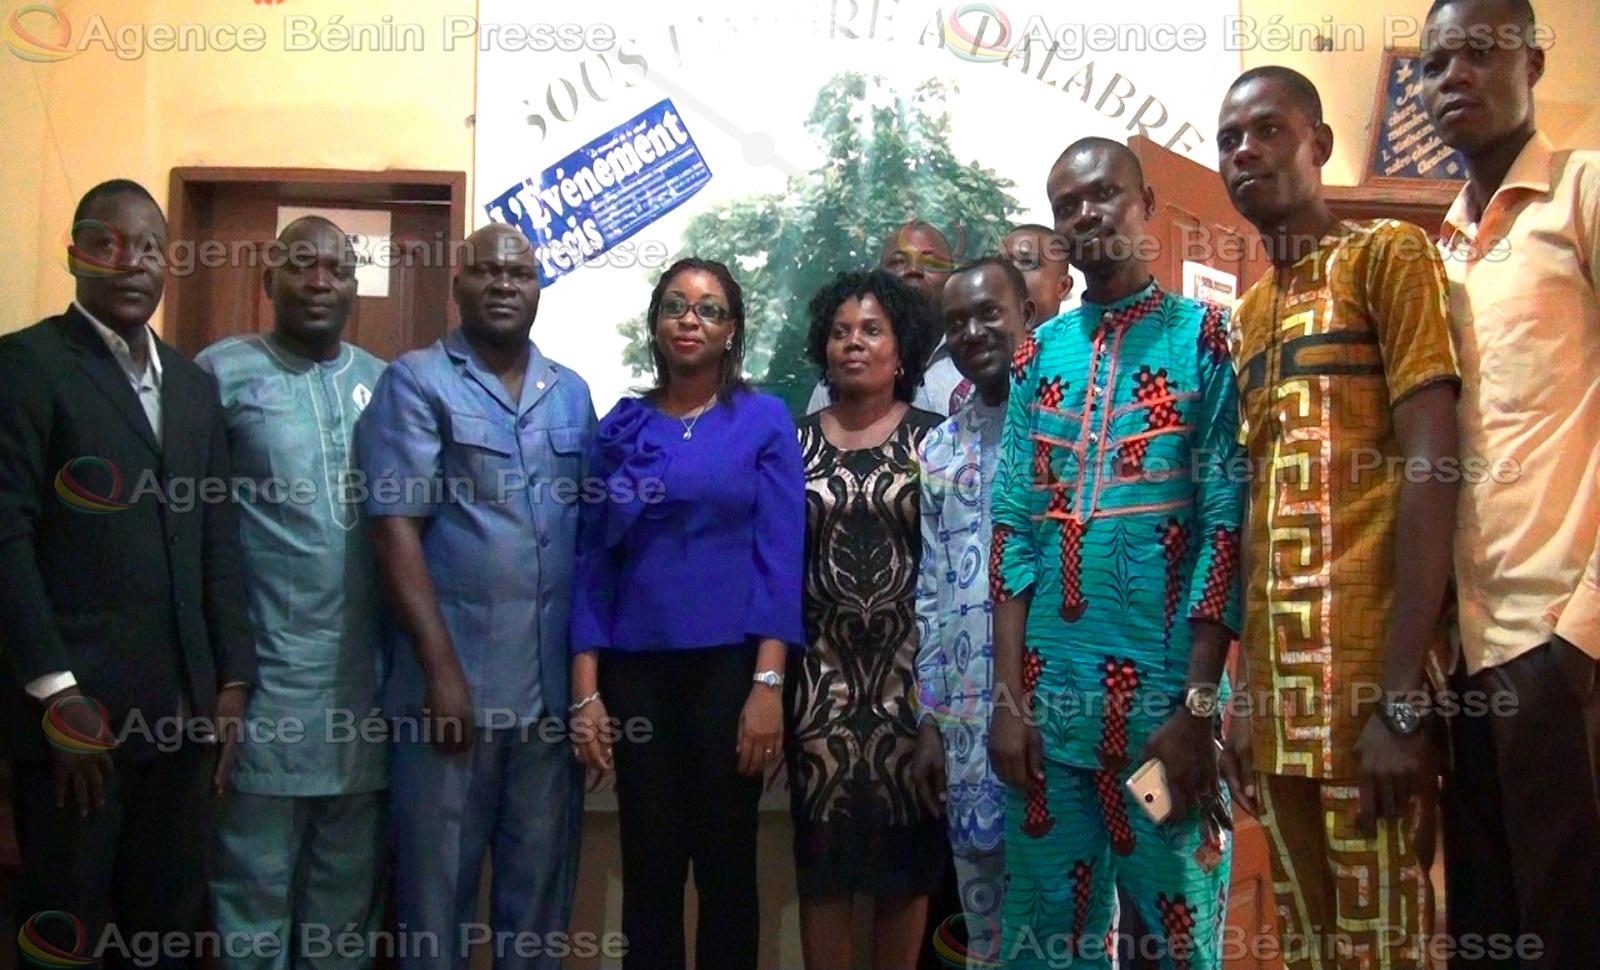 La ministre de la communication Aurélie Adam Soulé Zoumarou visite des organes de presse privés à Cotonou / Photo : Agence Bénin Presse